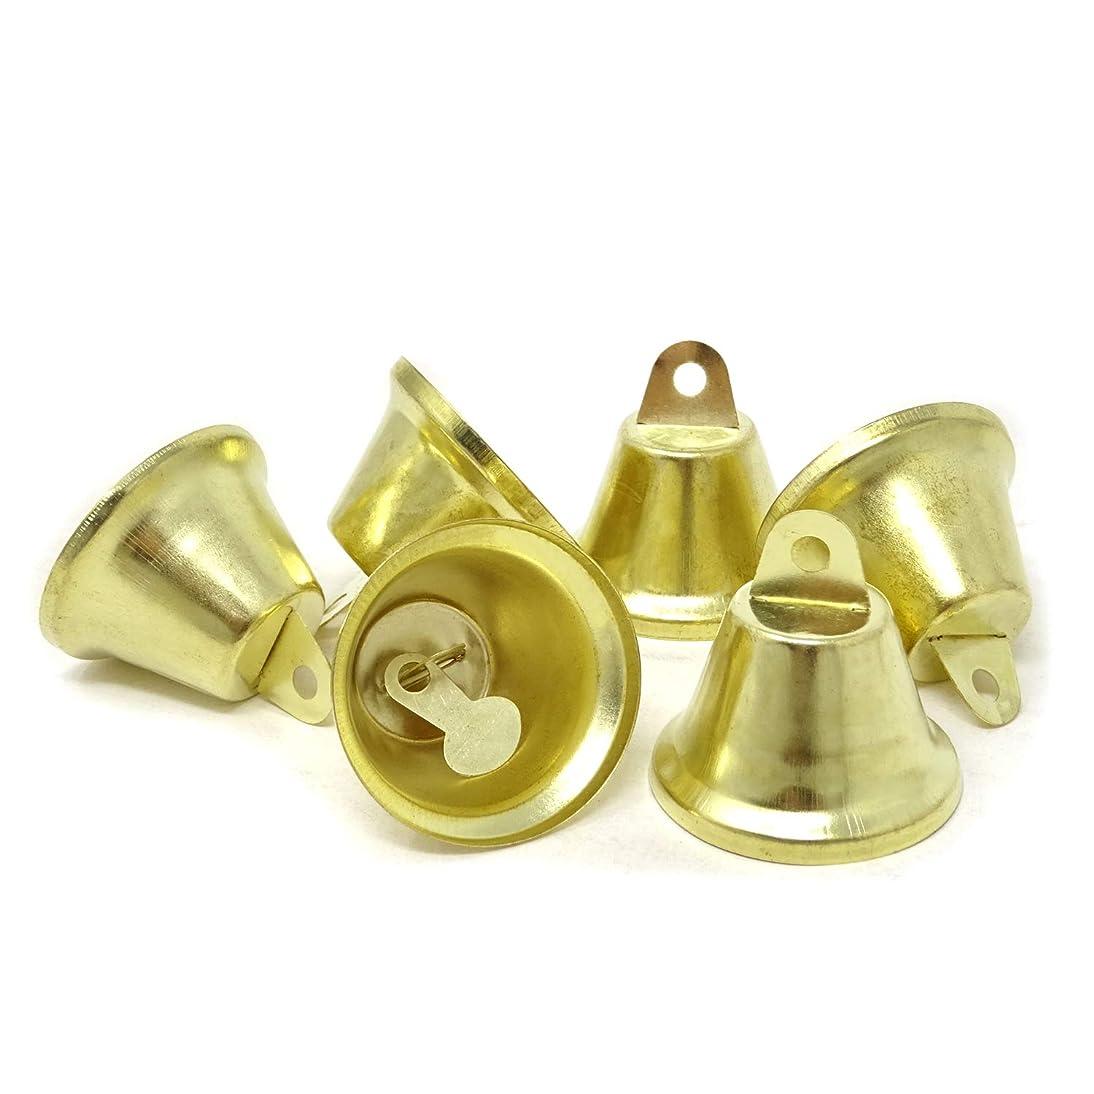 Honbay 20PCS 38mm/1.5inch Shiny Gold Liberty Bells Decor Bells